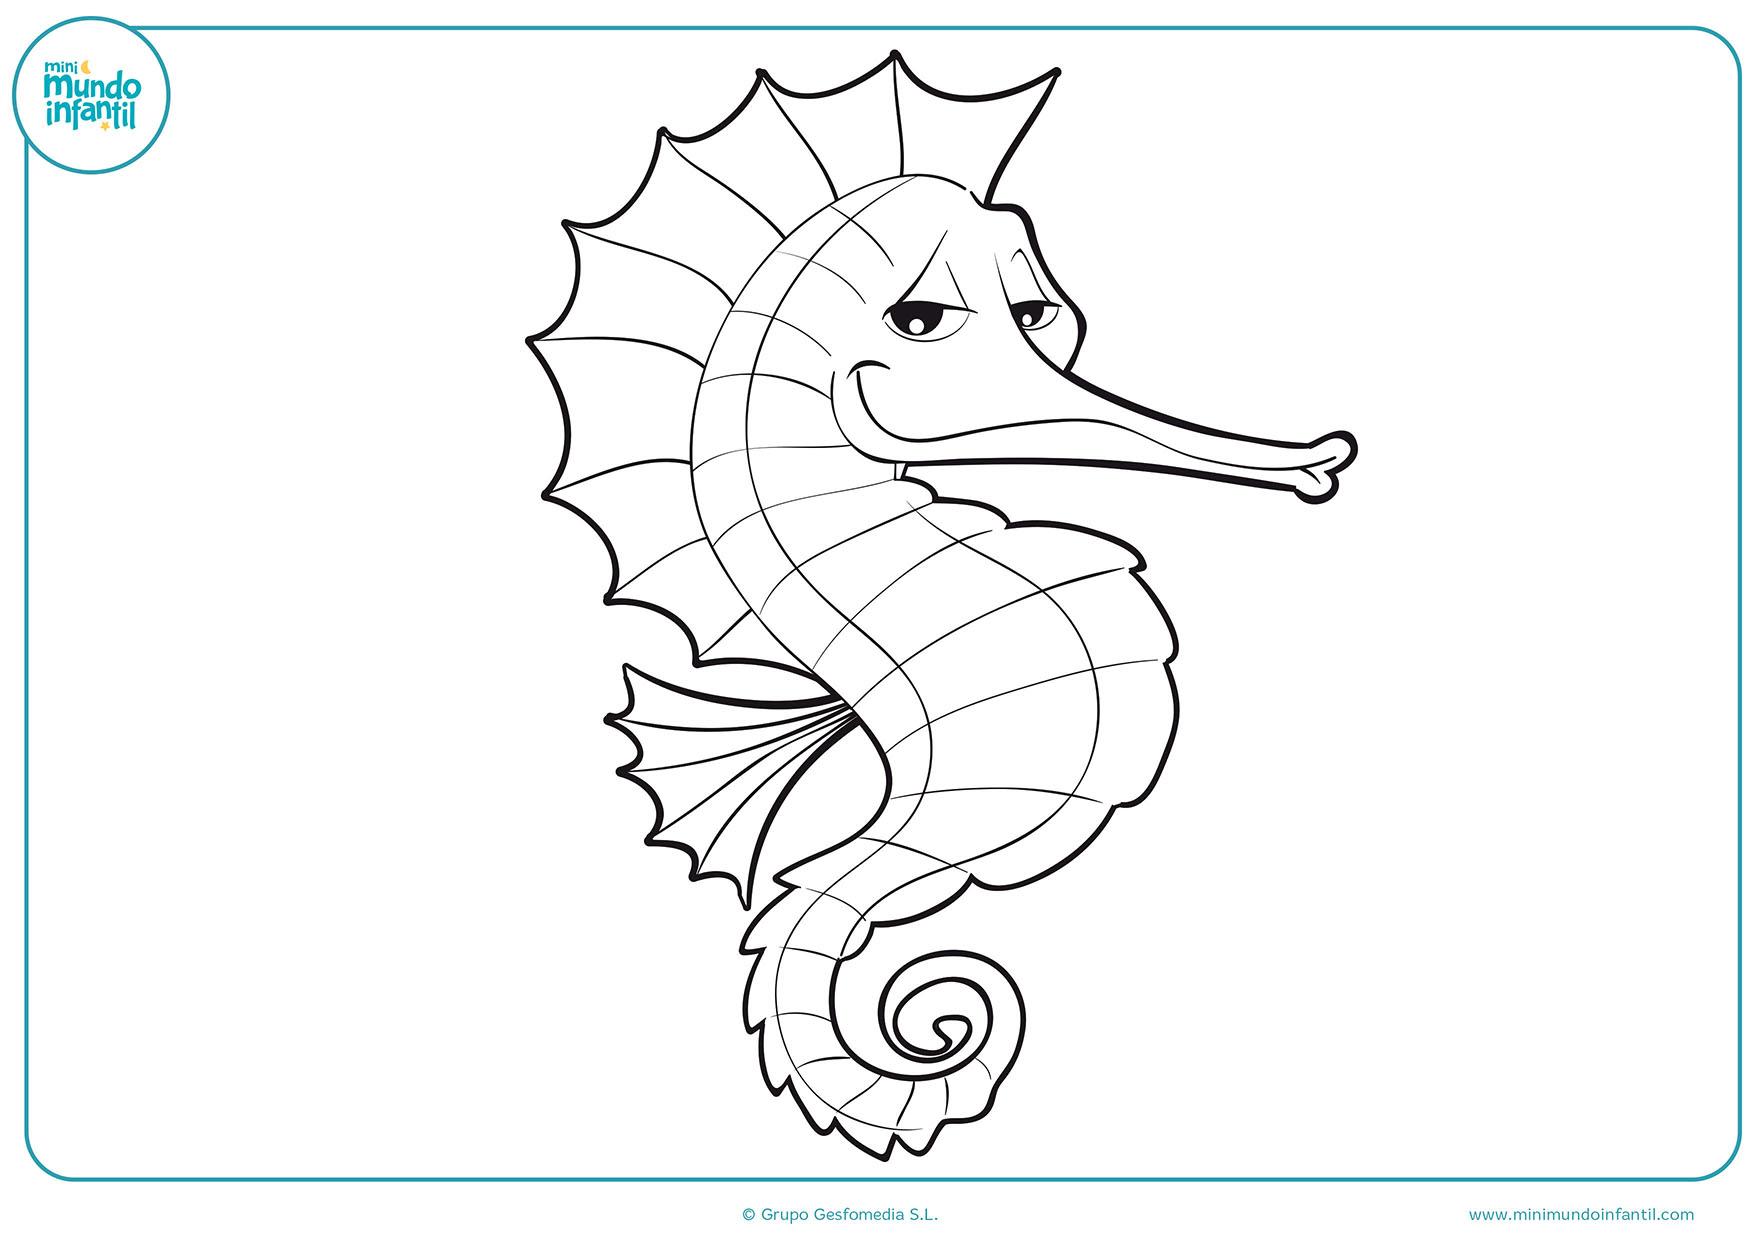 Colorear NiÑos Del Mundo: Dibujos De Animales Marinos Para Colorear